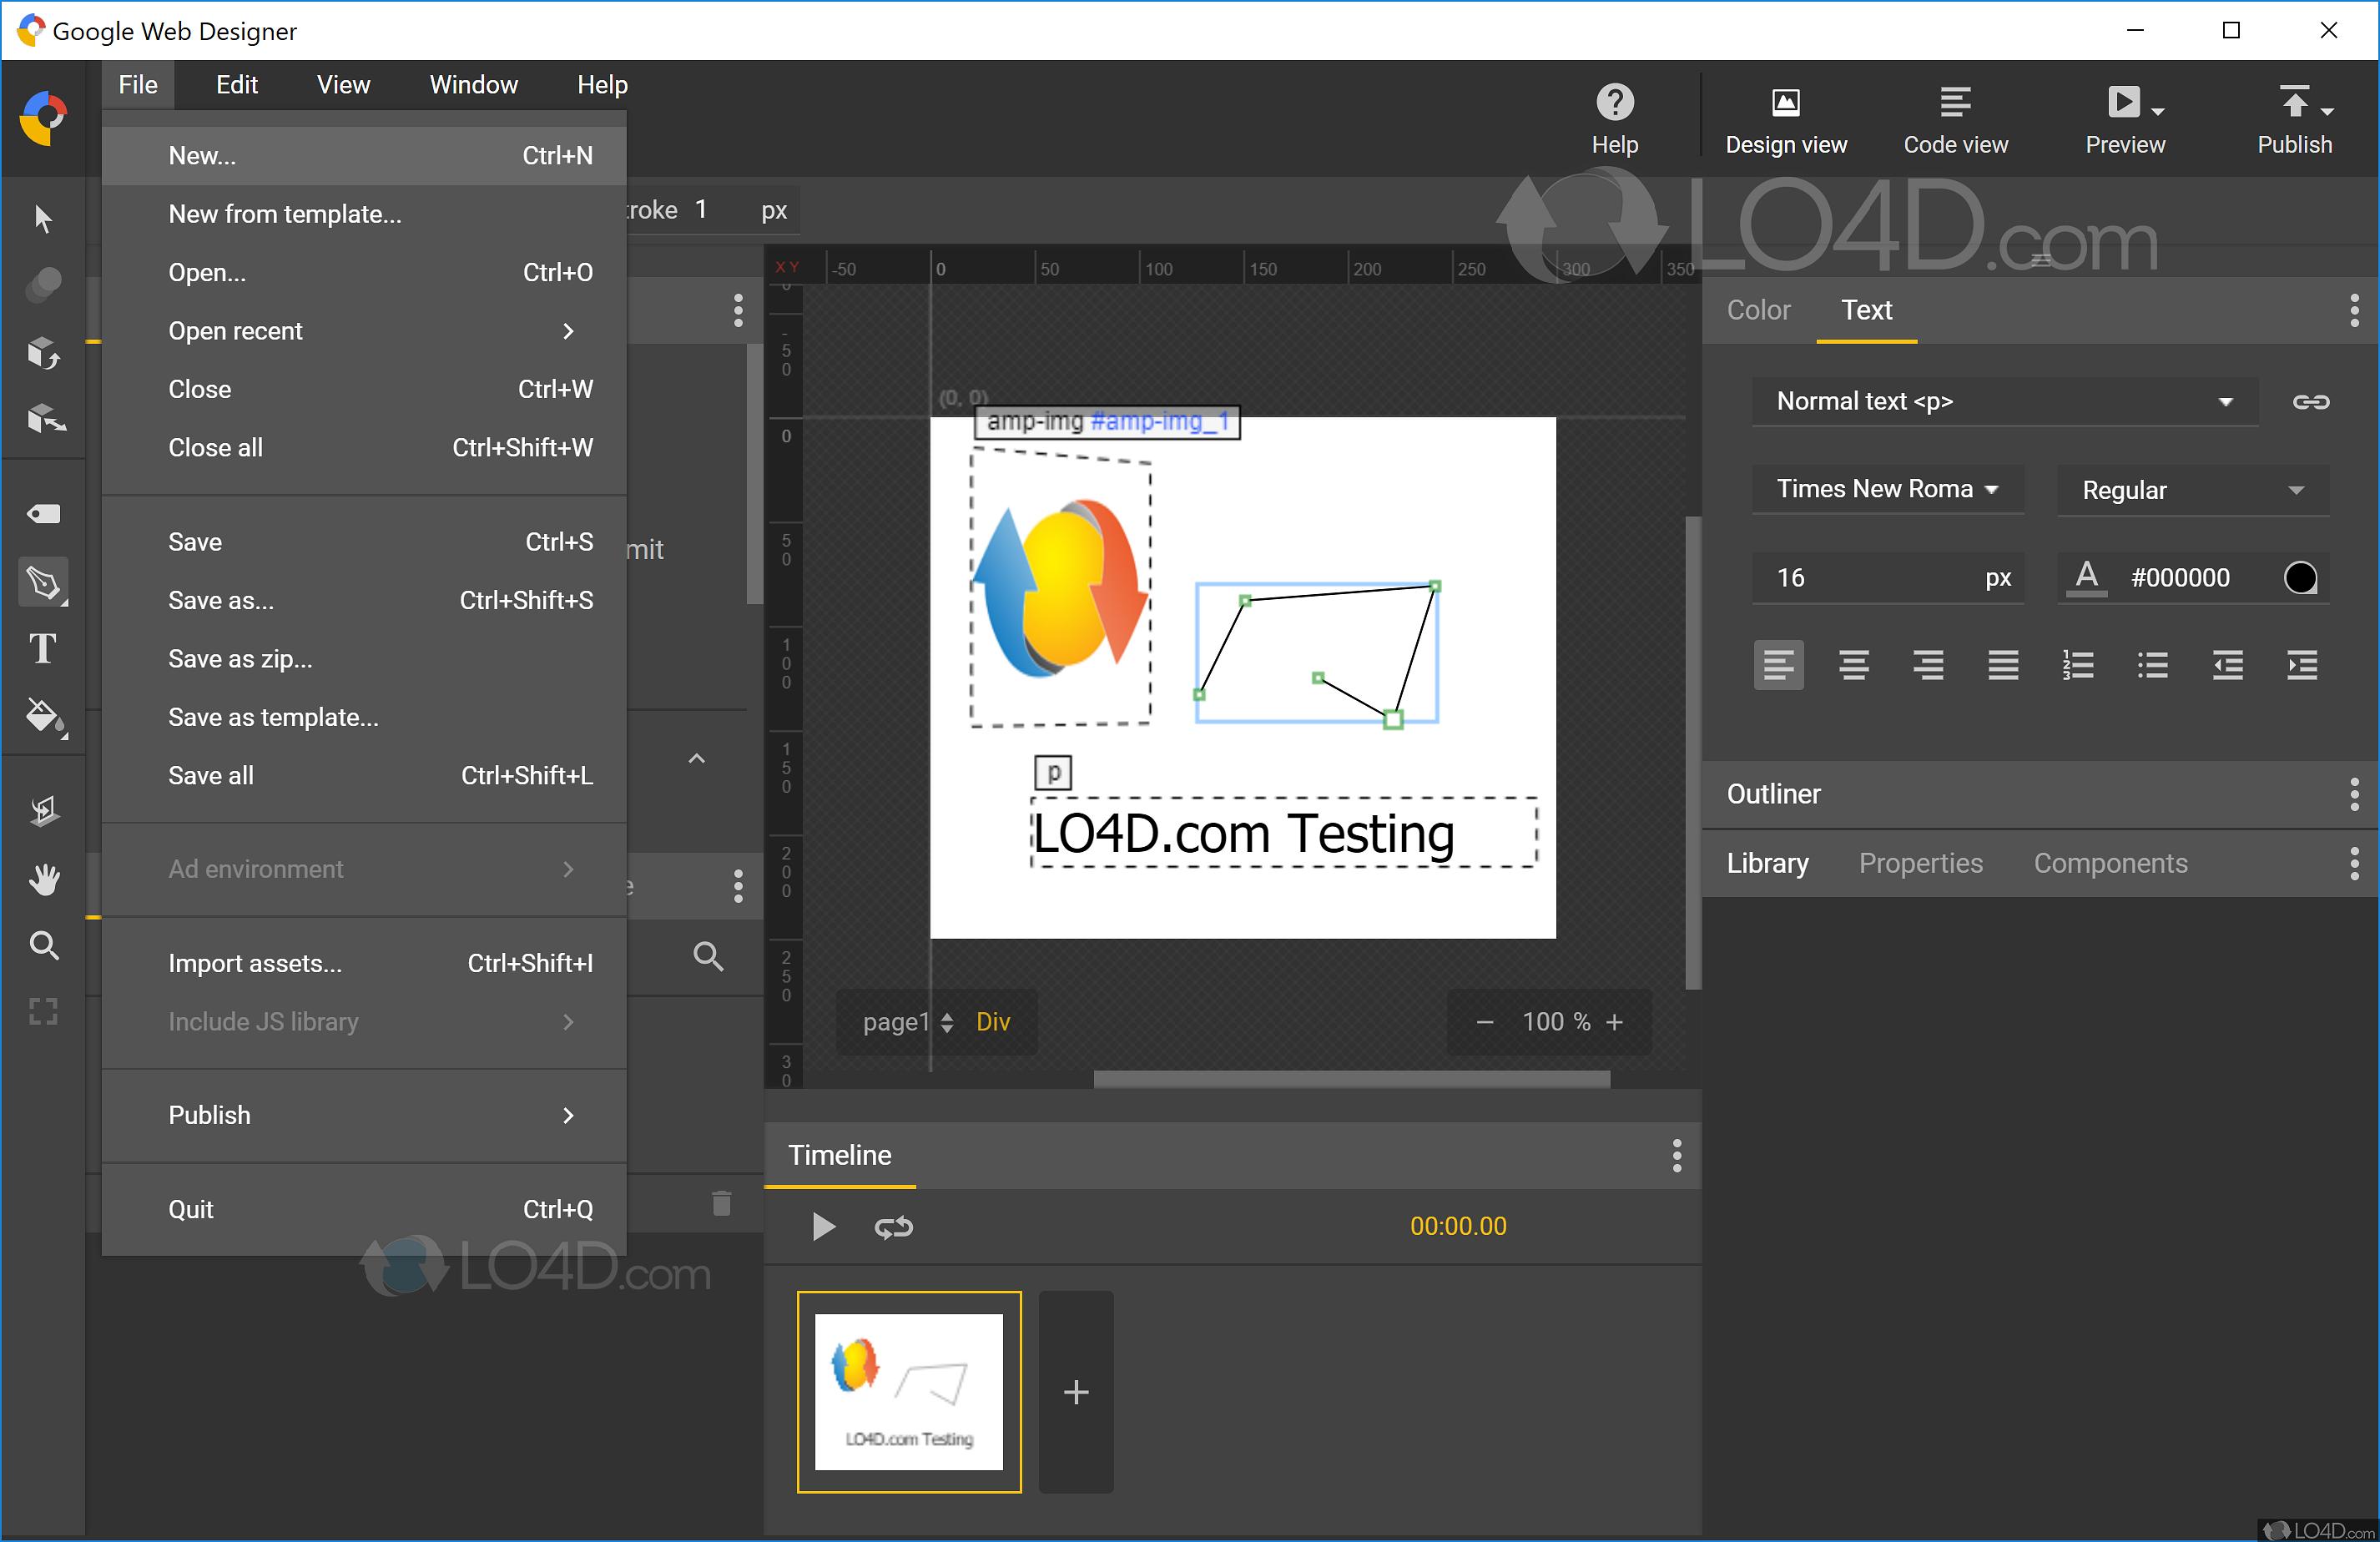 Google Web Designer - Download